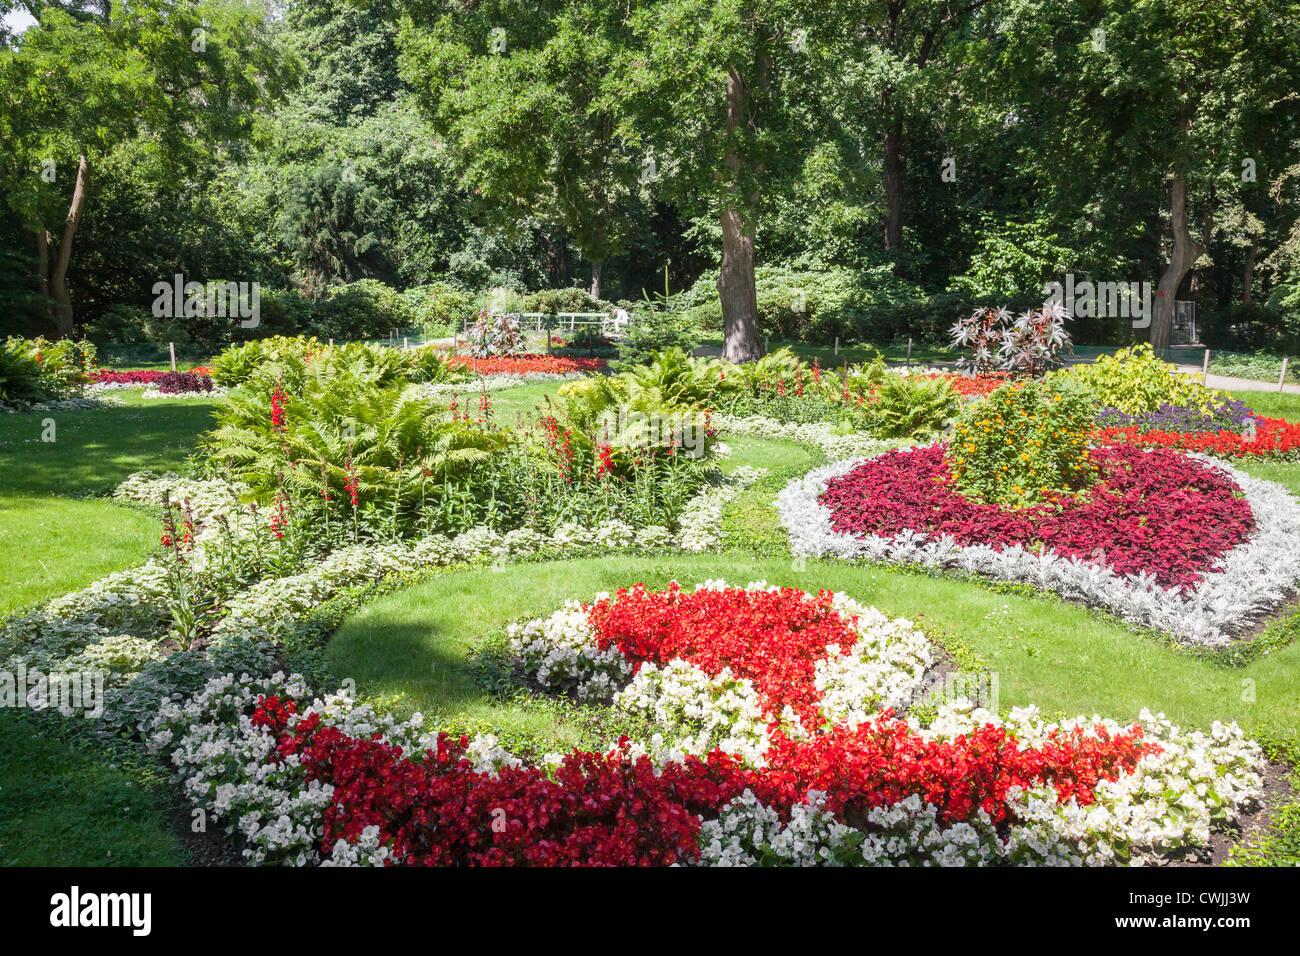 Tiergarten, Berlin Germany - Stock Image